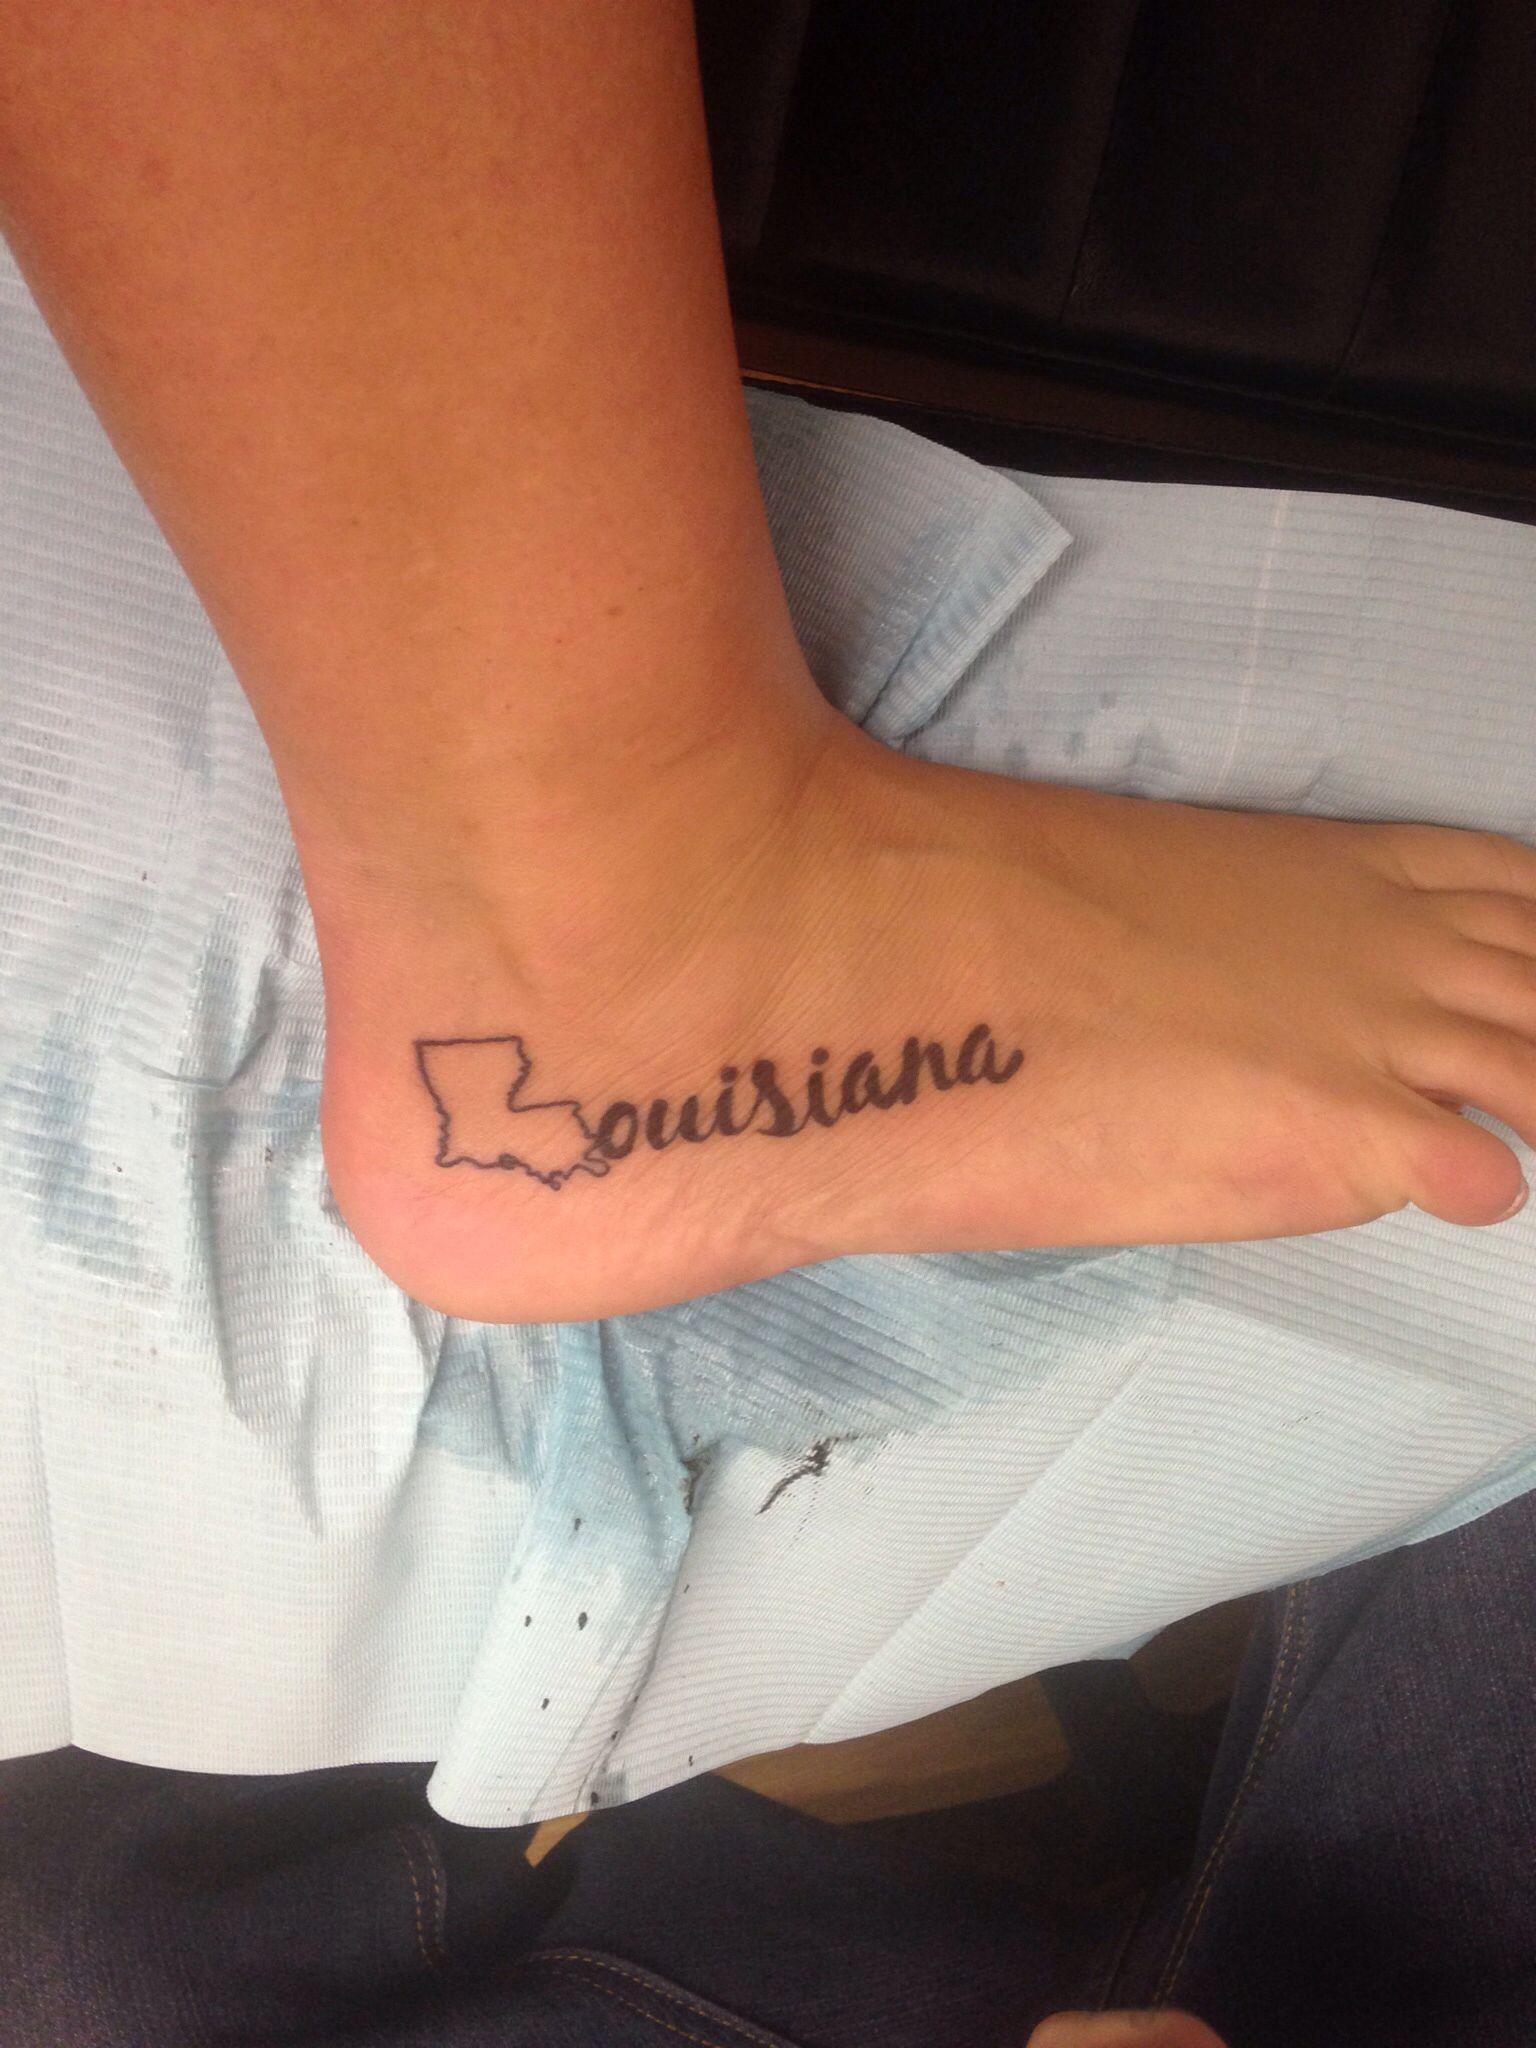 Louisiana Denmark Map%0A I just really want this as a tattoo   don u    t ask me why  But I do  My heart  belongs in Louisiana    Tattoo Ideas   Pinterest   Louisiana tattoo